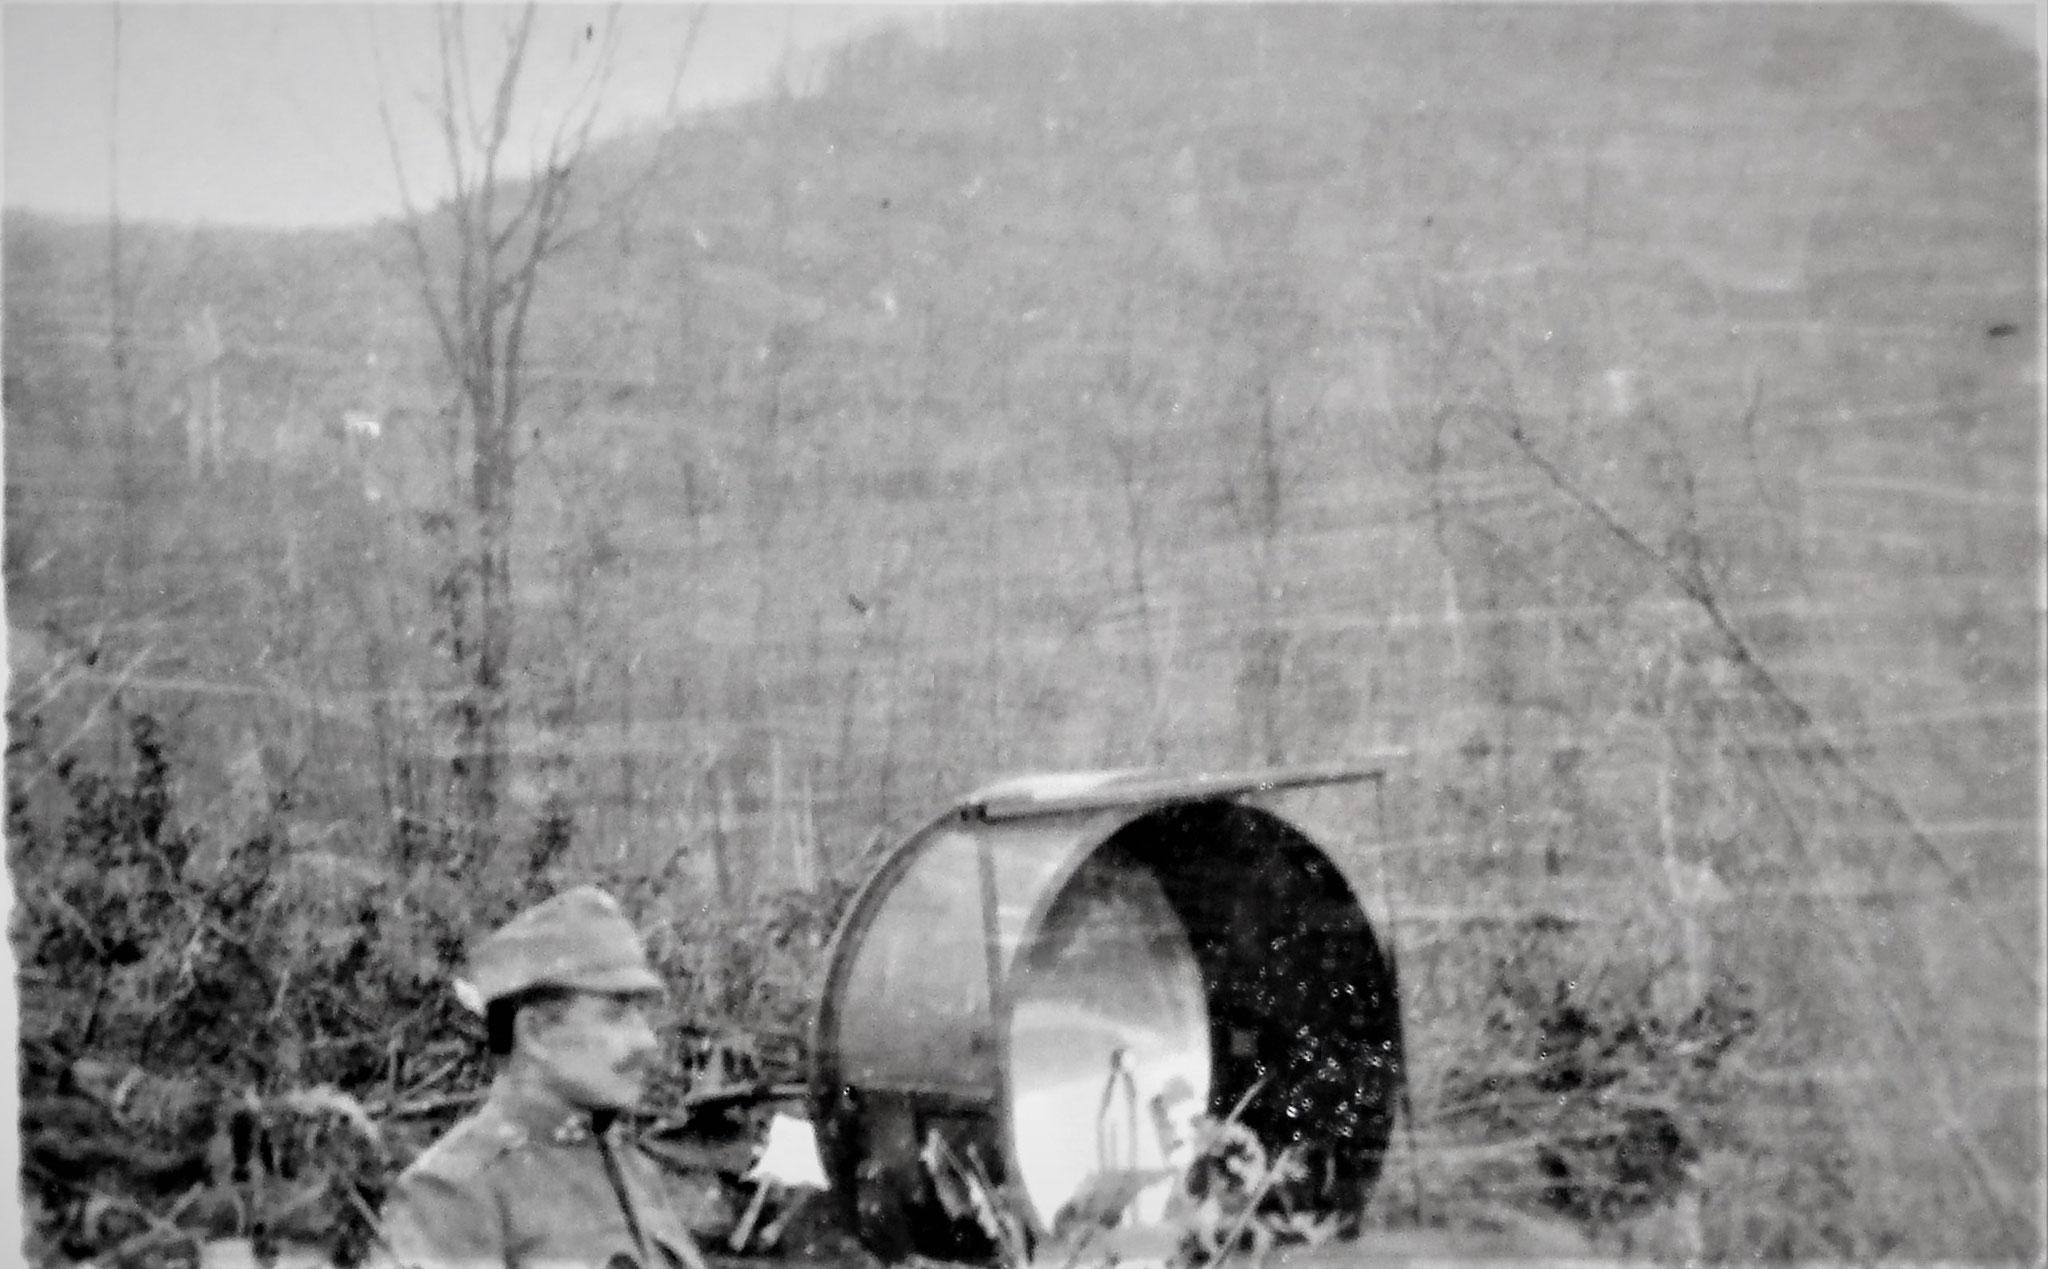 70 cm Scheinwerfer des Subabschnittes (Acetylenlicht).